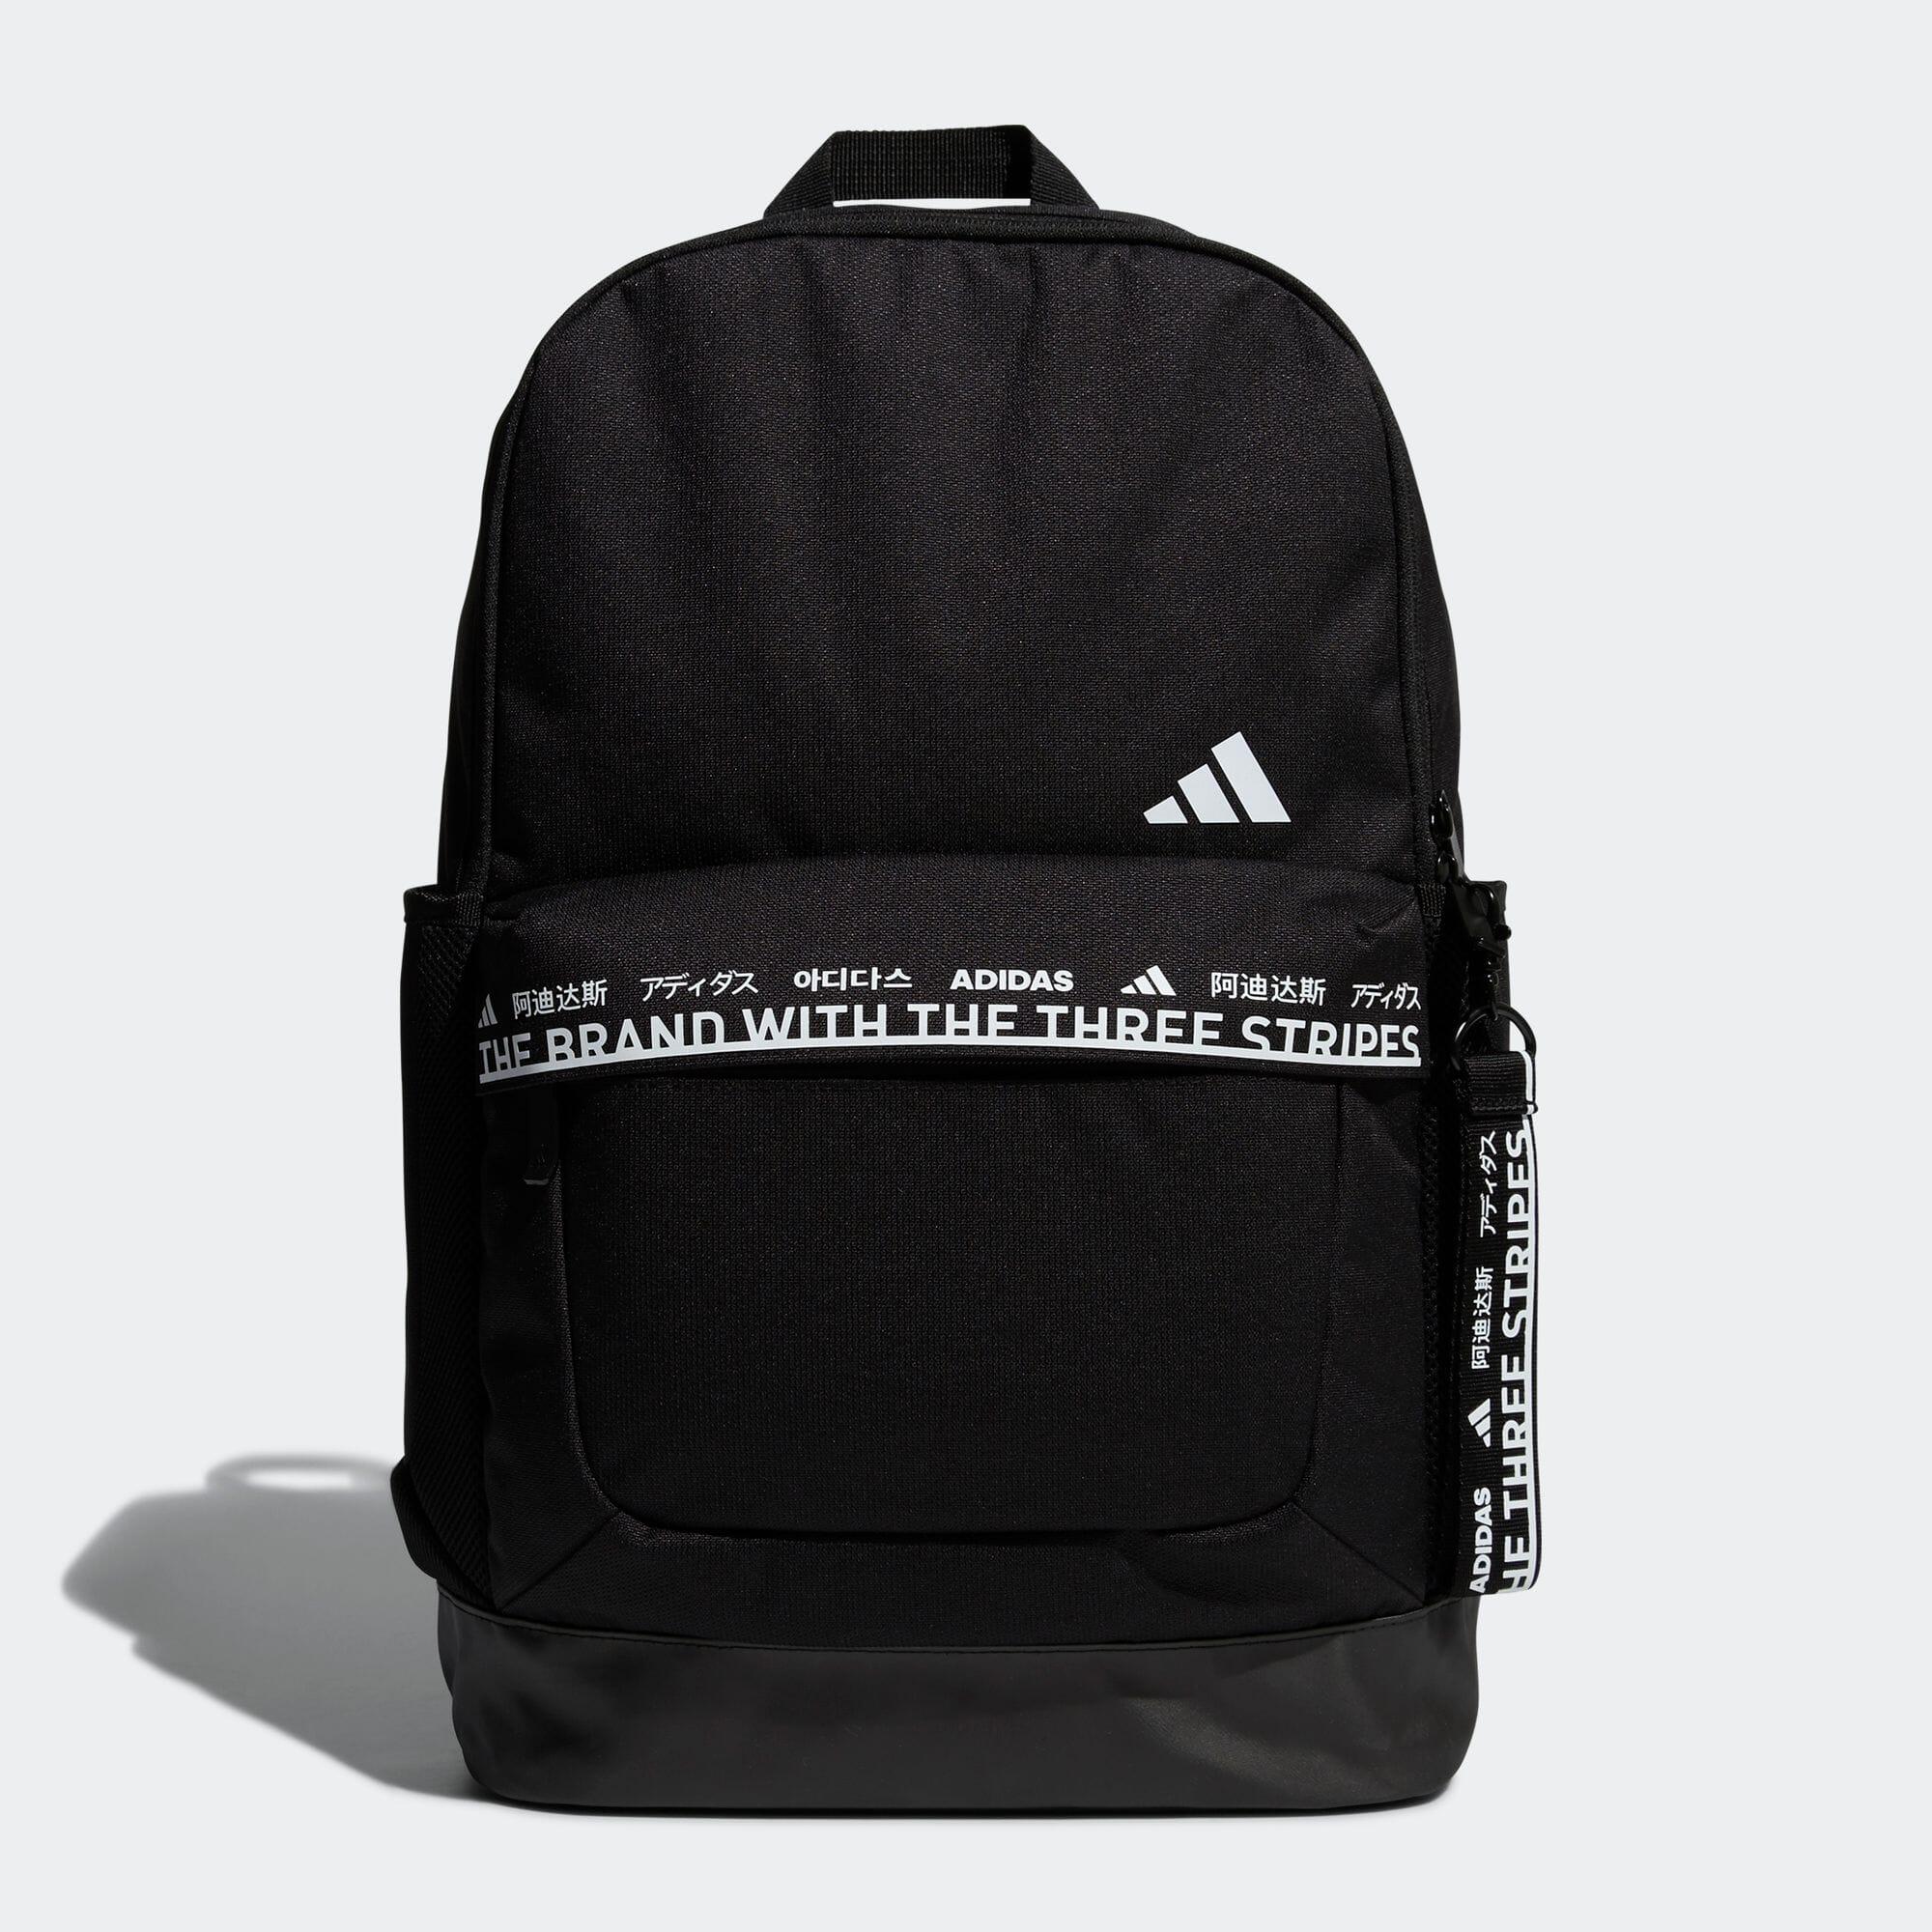 クラシック アーバン バックパック / Classic Urban Backpack